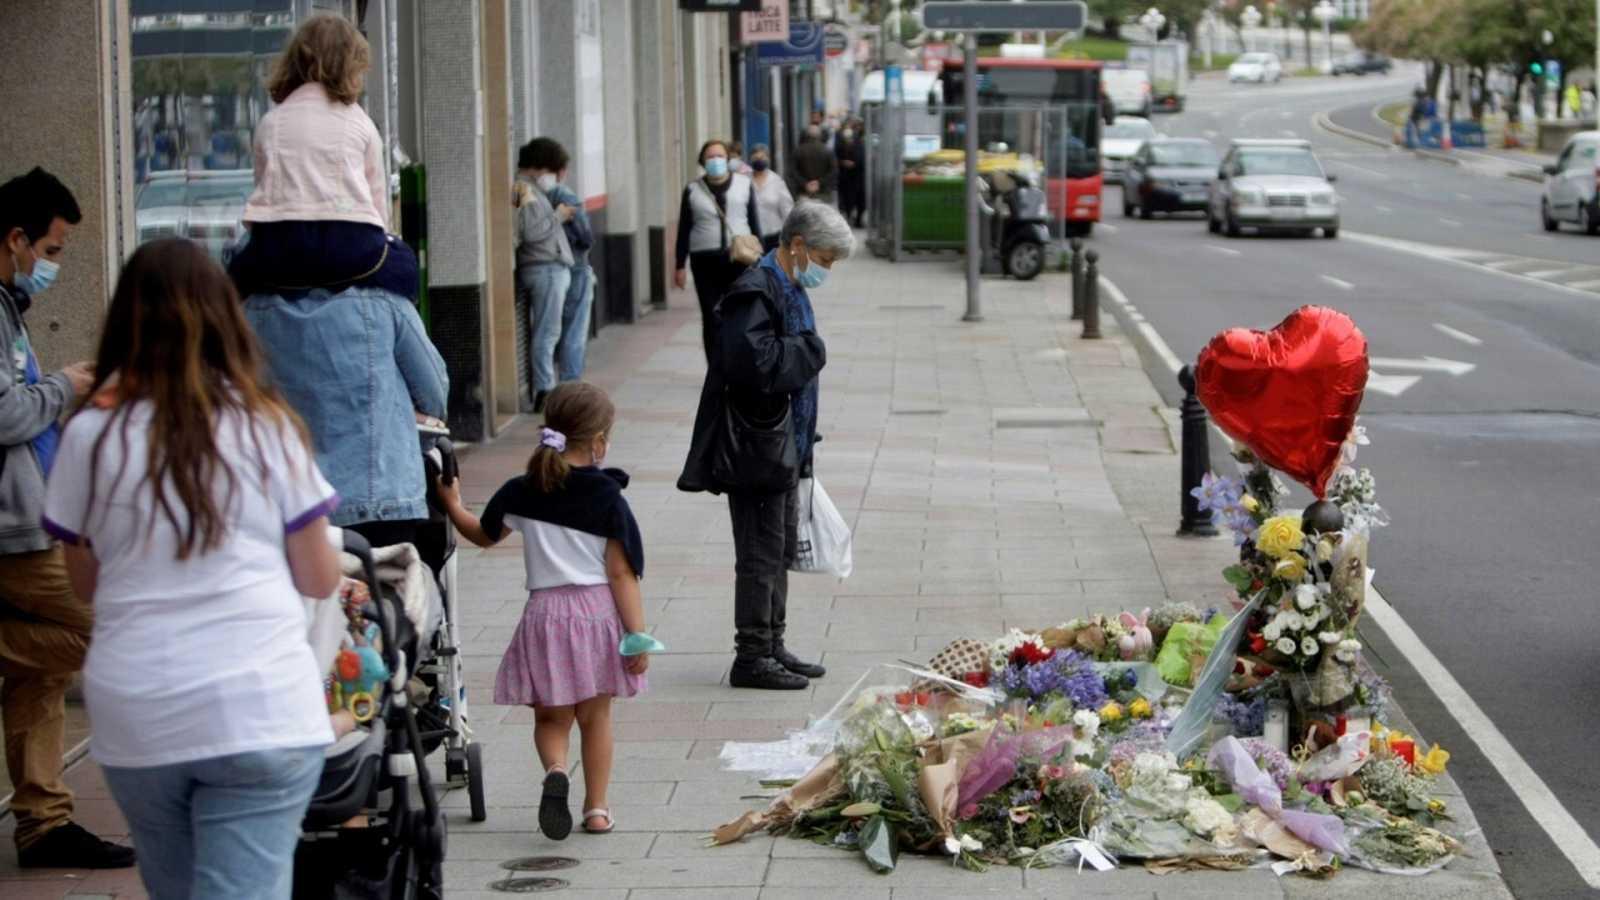 Vista de las flores y los mensajes dejados en el lugar en el que fue asesinado Samuel Luiz, en A Coruña. EFE/ Cabalar